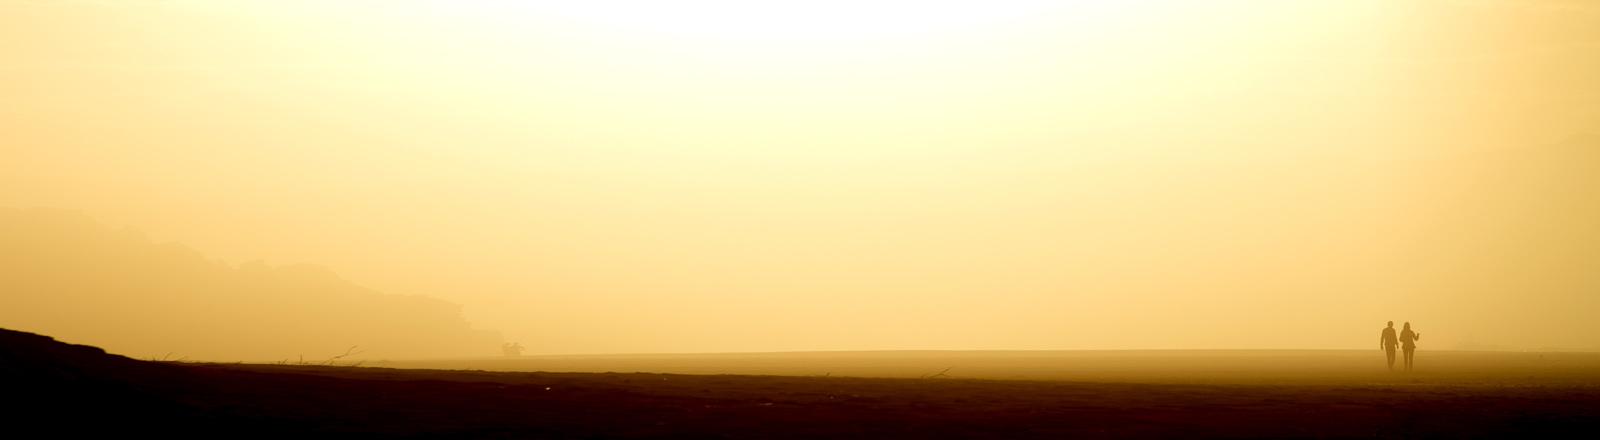 Zwei Menschen gehen in der prallen Sonne spazieren.